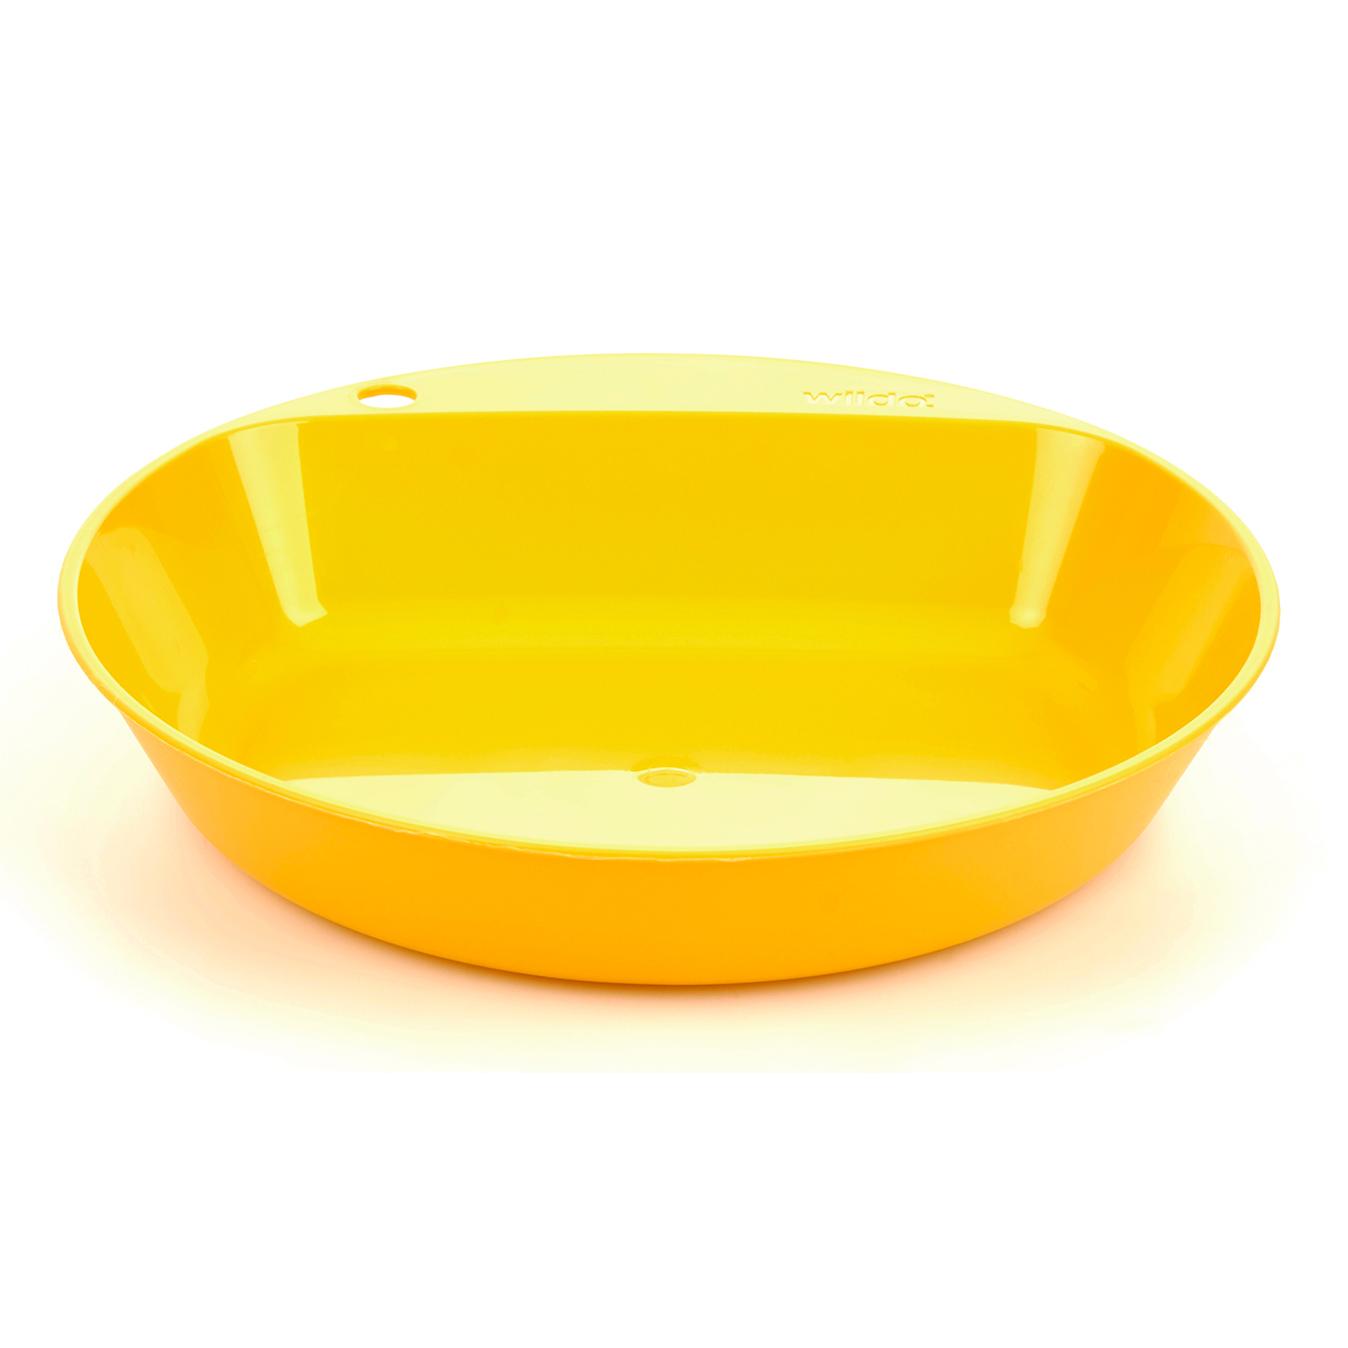 Wildo Tiefer Teller - lemon